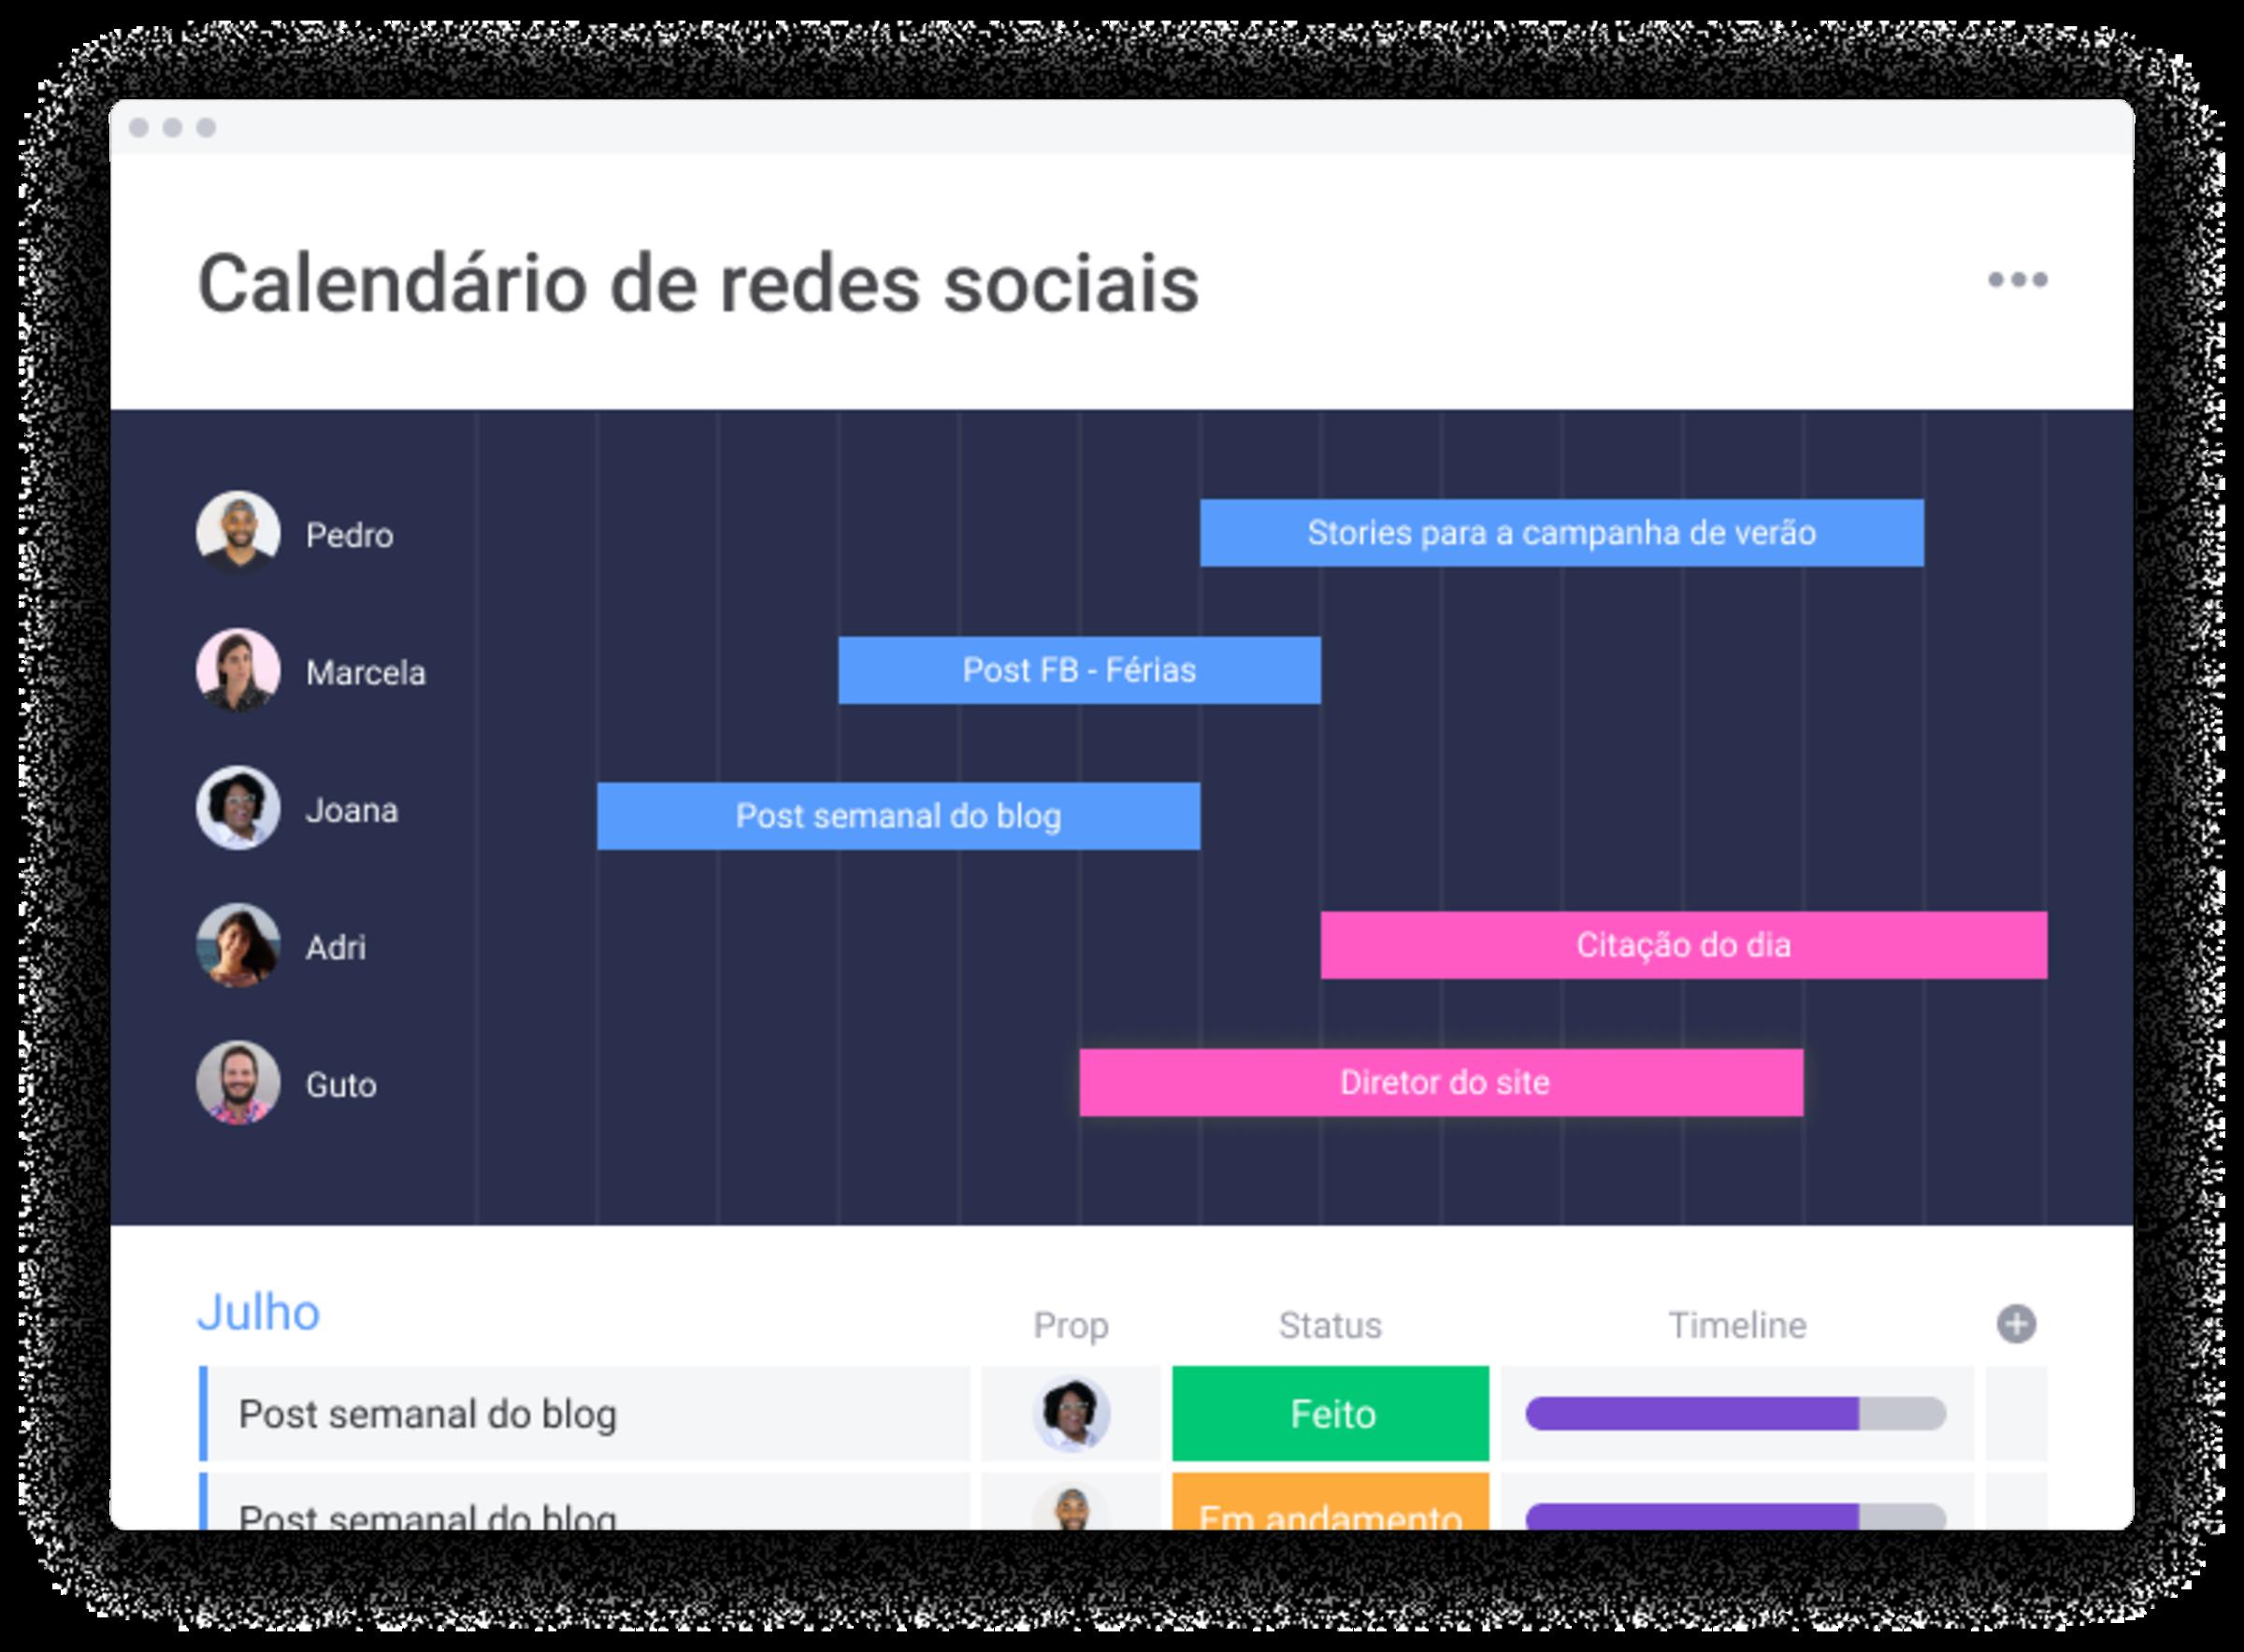 Template de calendário de redes sociais